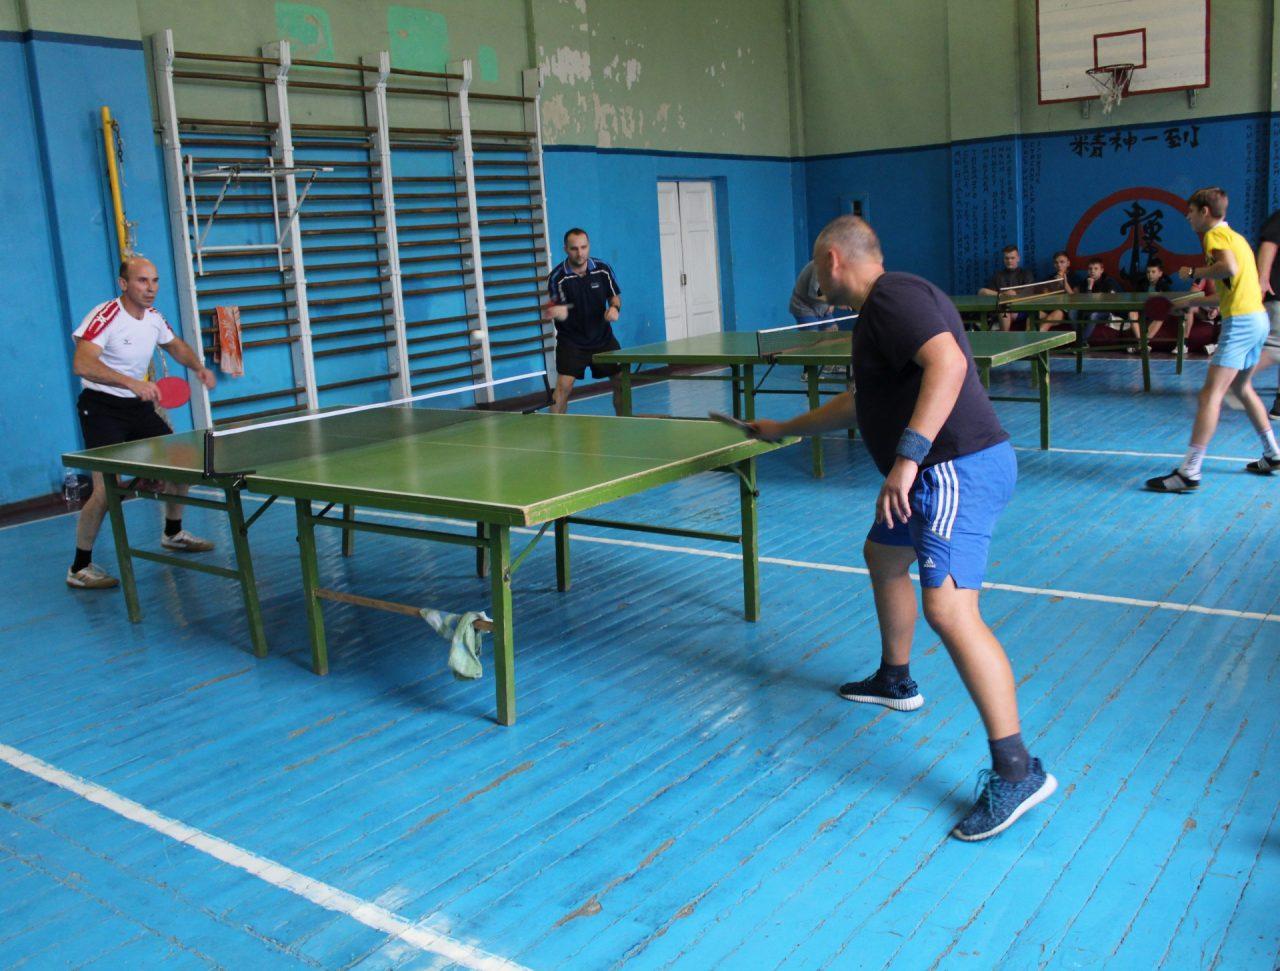 otkritij-turnir-po-nastolnomu-tennisu-2